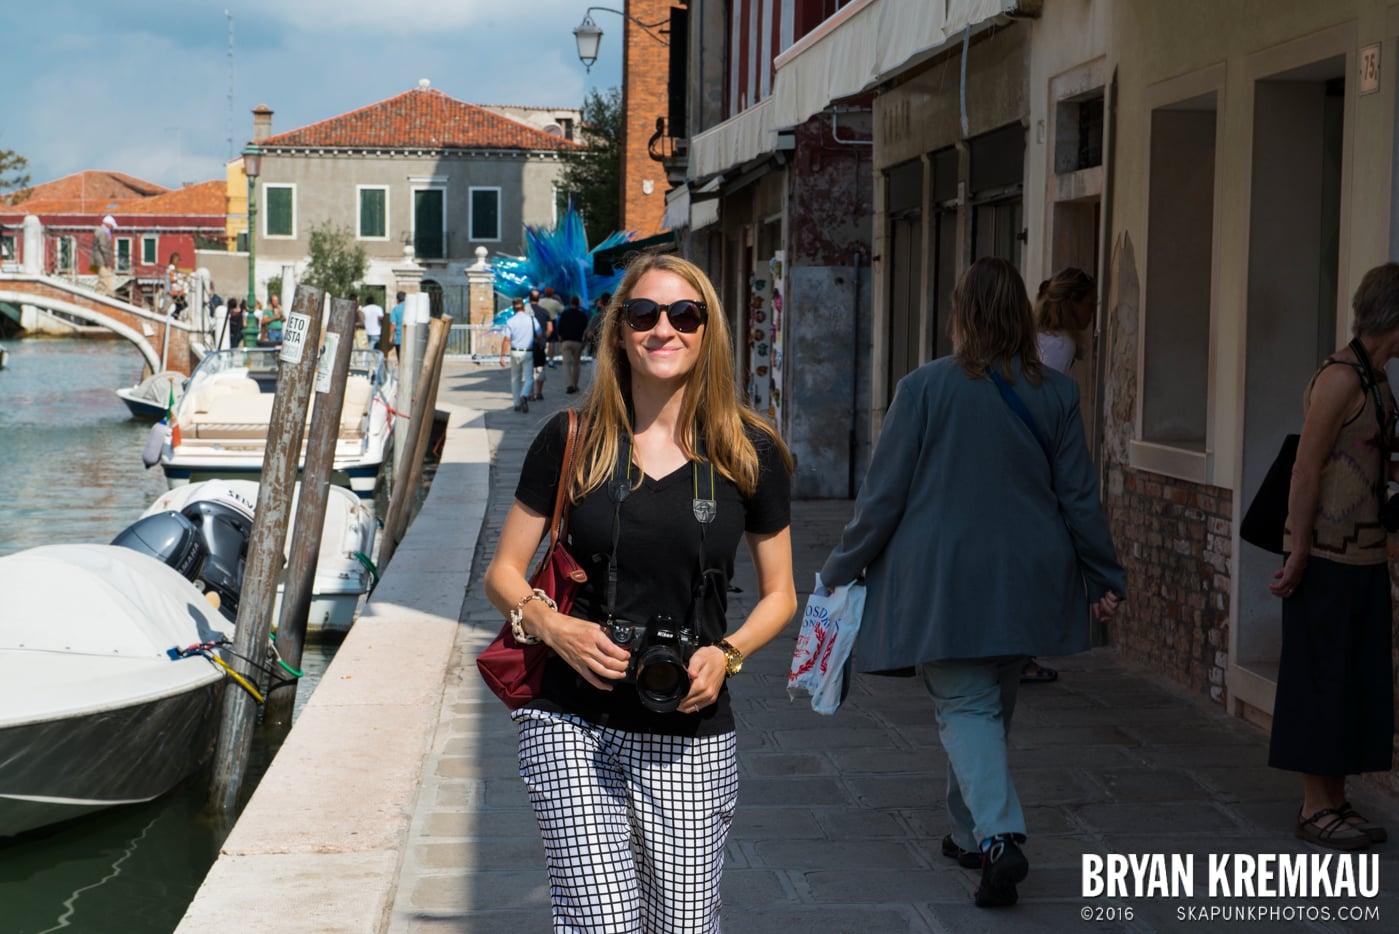 Italy Vacation - Day 6: Murano, Burano, Venice - 9.14.13 (75)